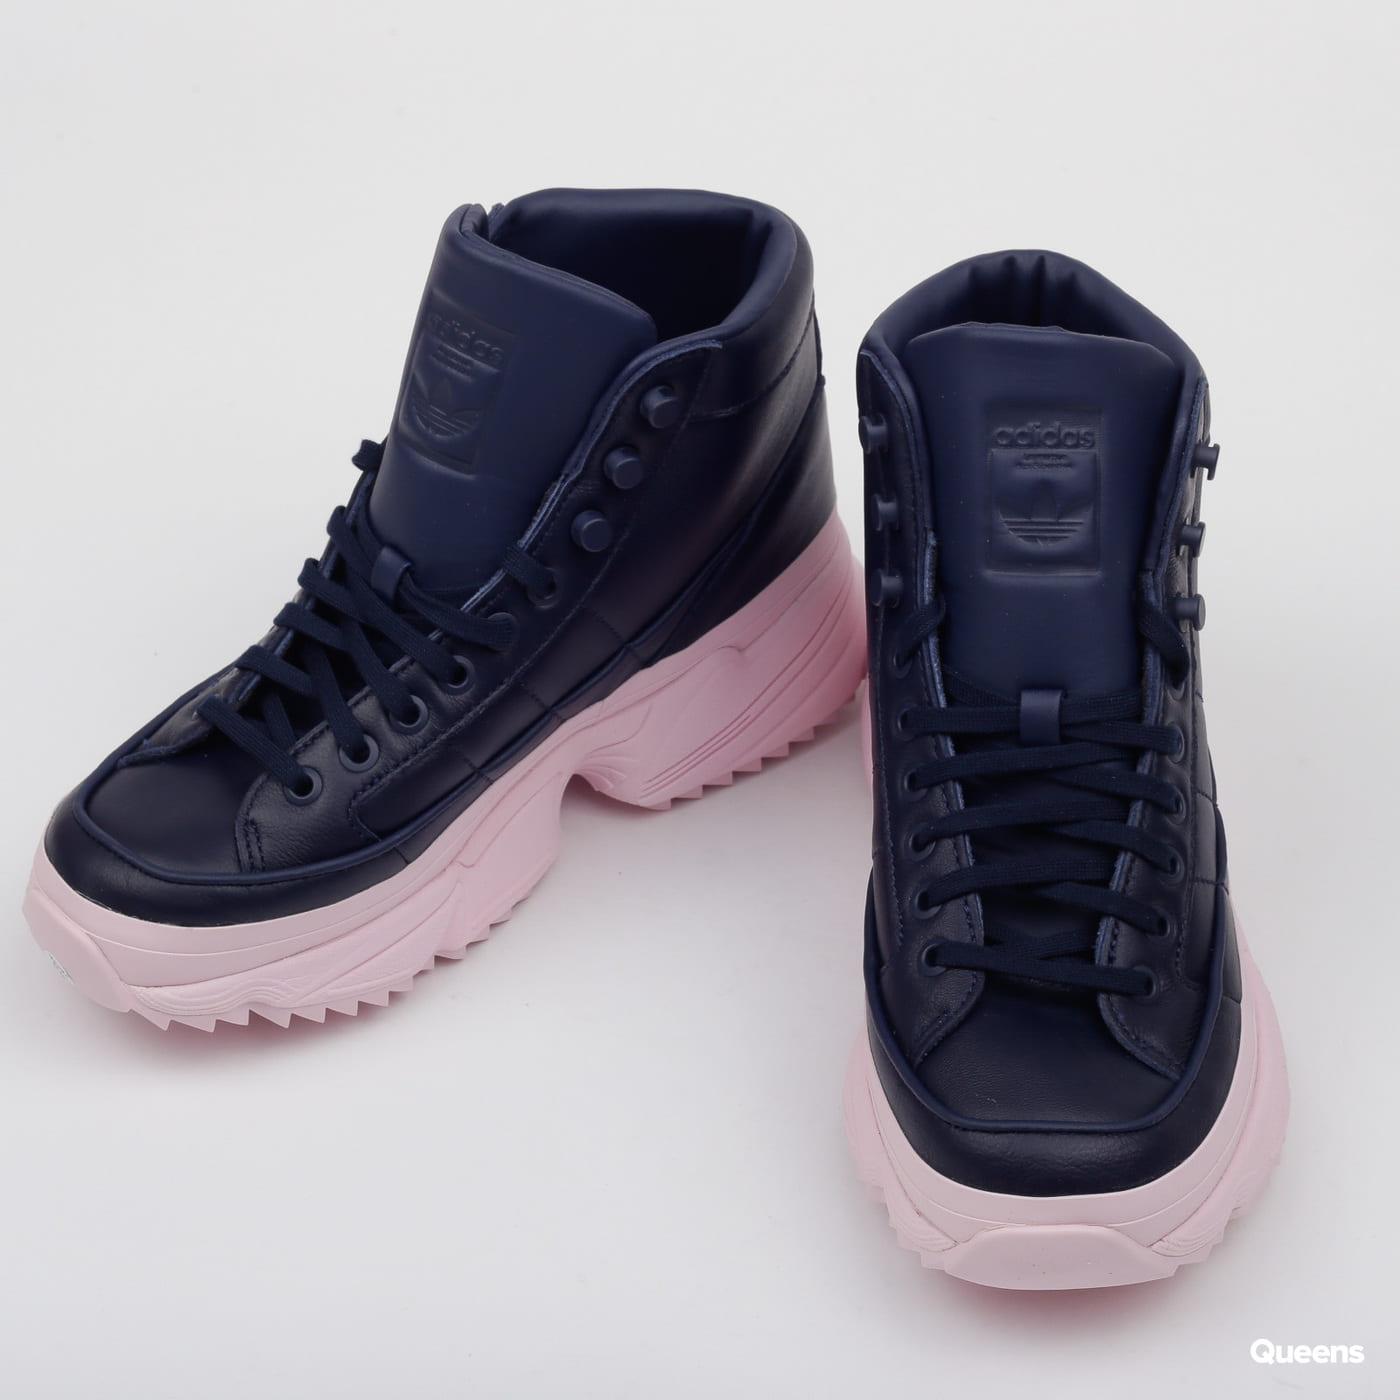 adidas Originals Kiellor Xtra W conavy / conavy / clpink